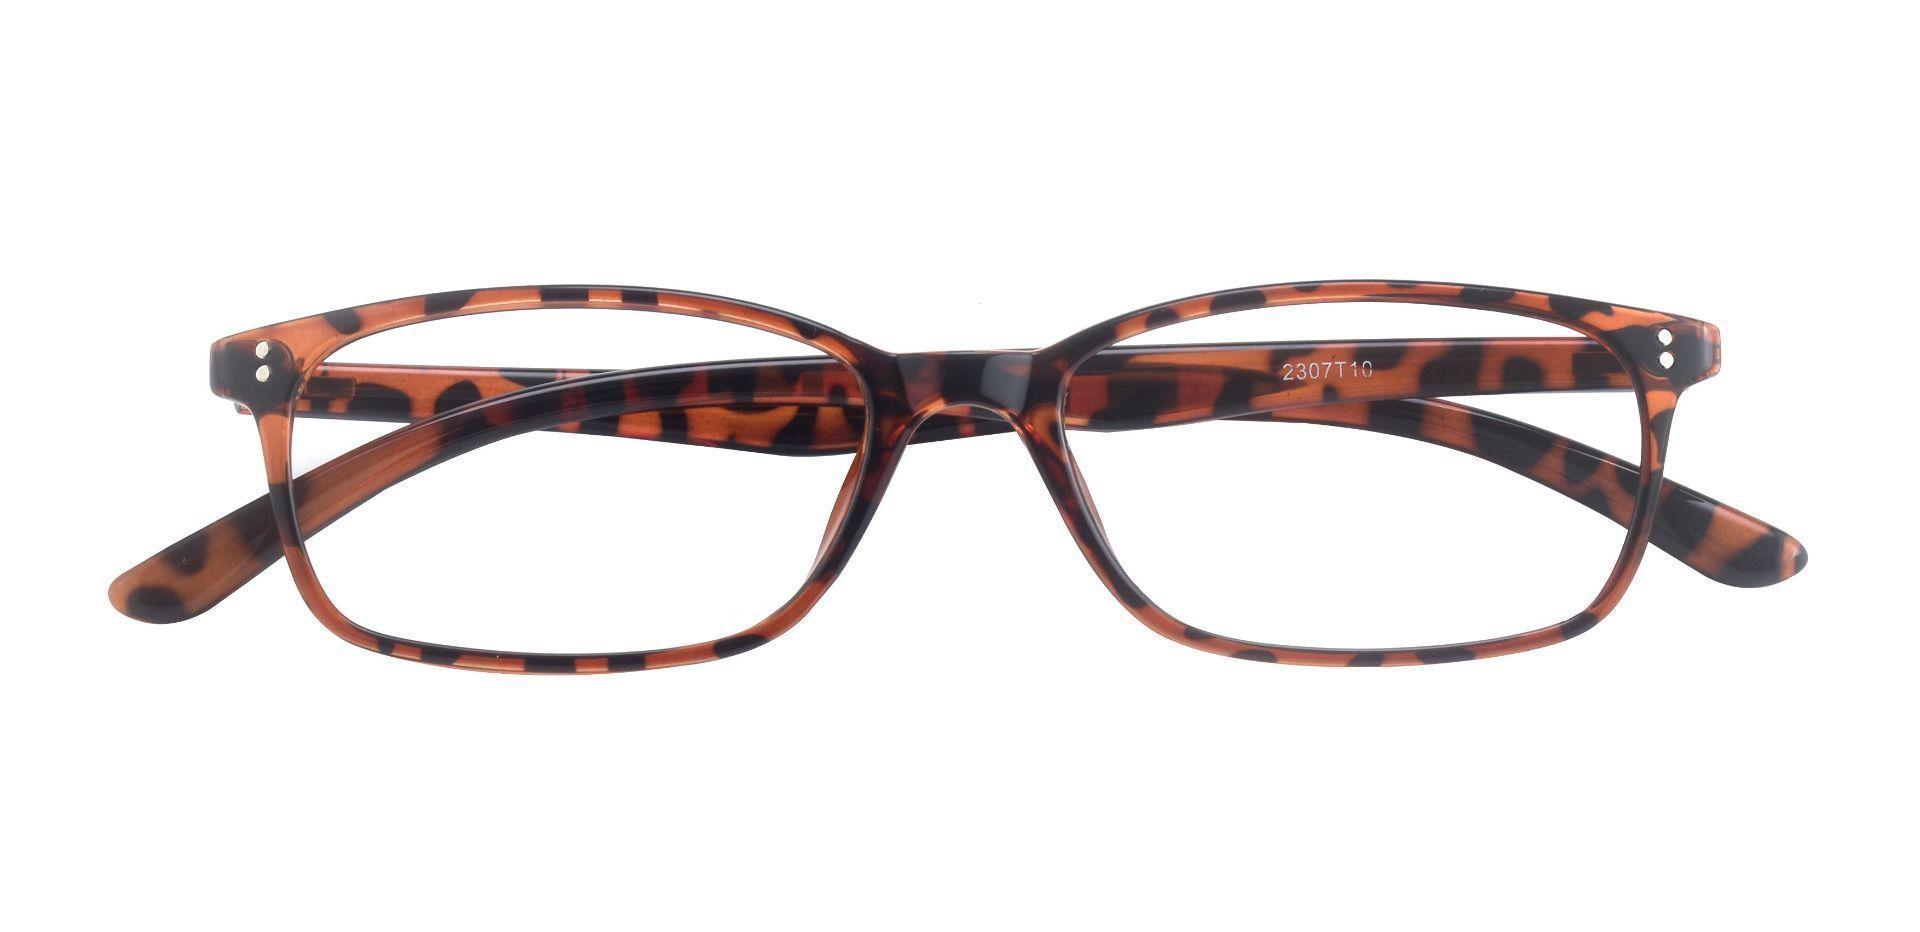 Baskin Rectangle Prescription Glasses - Tortoise